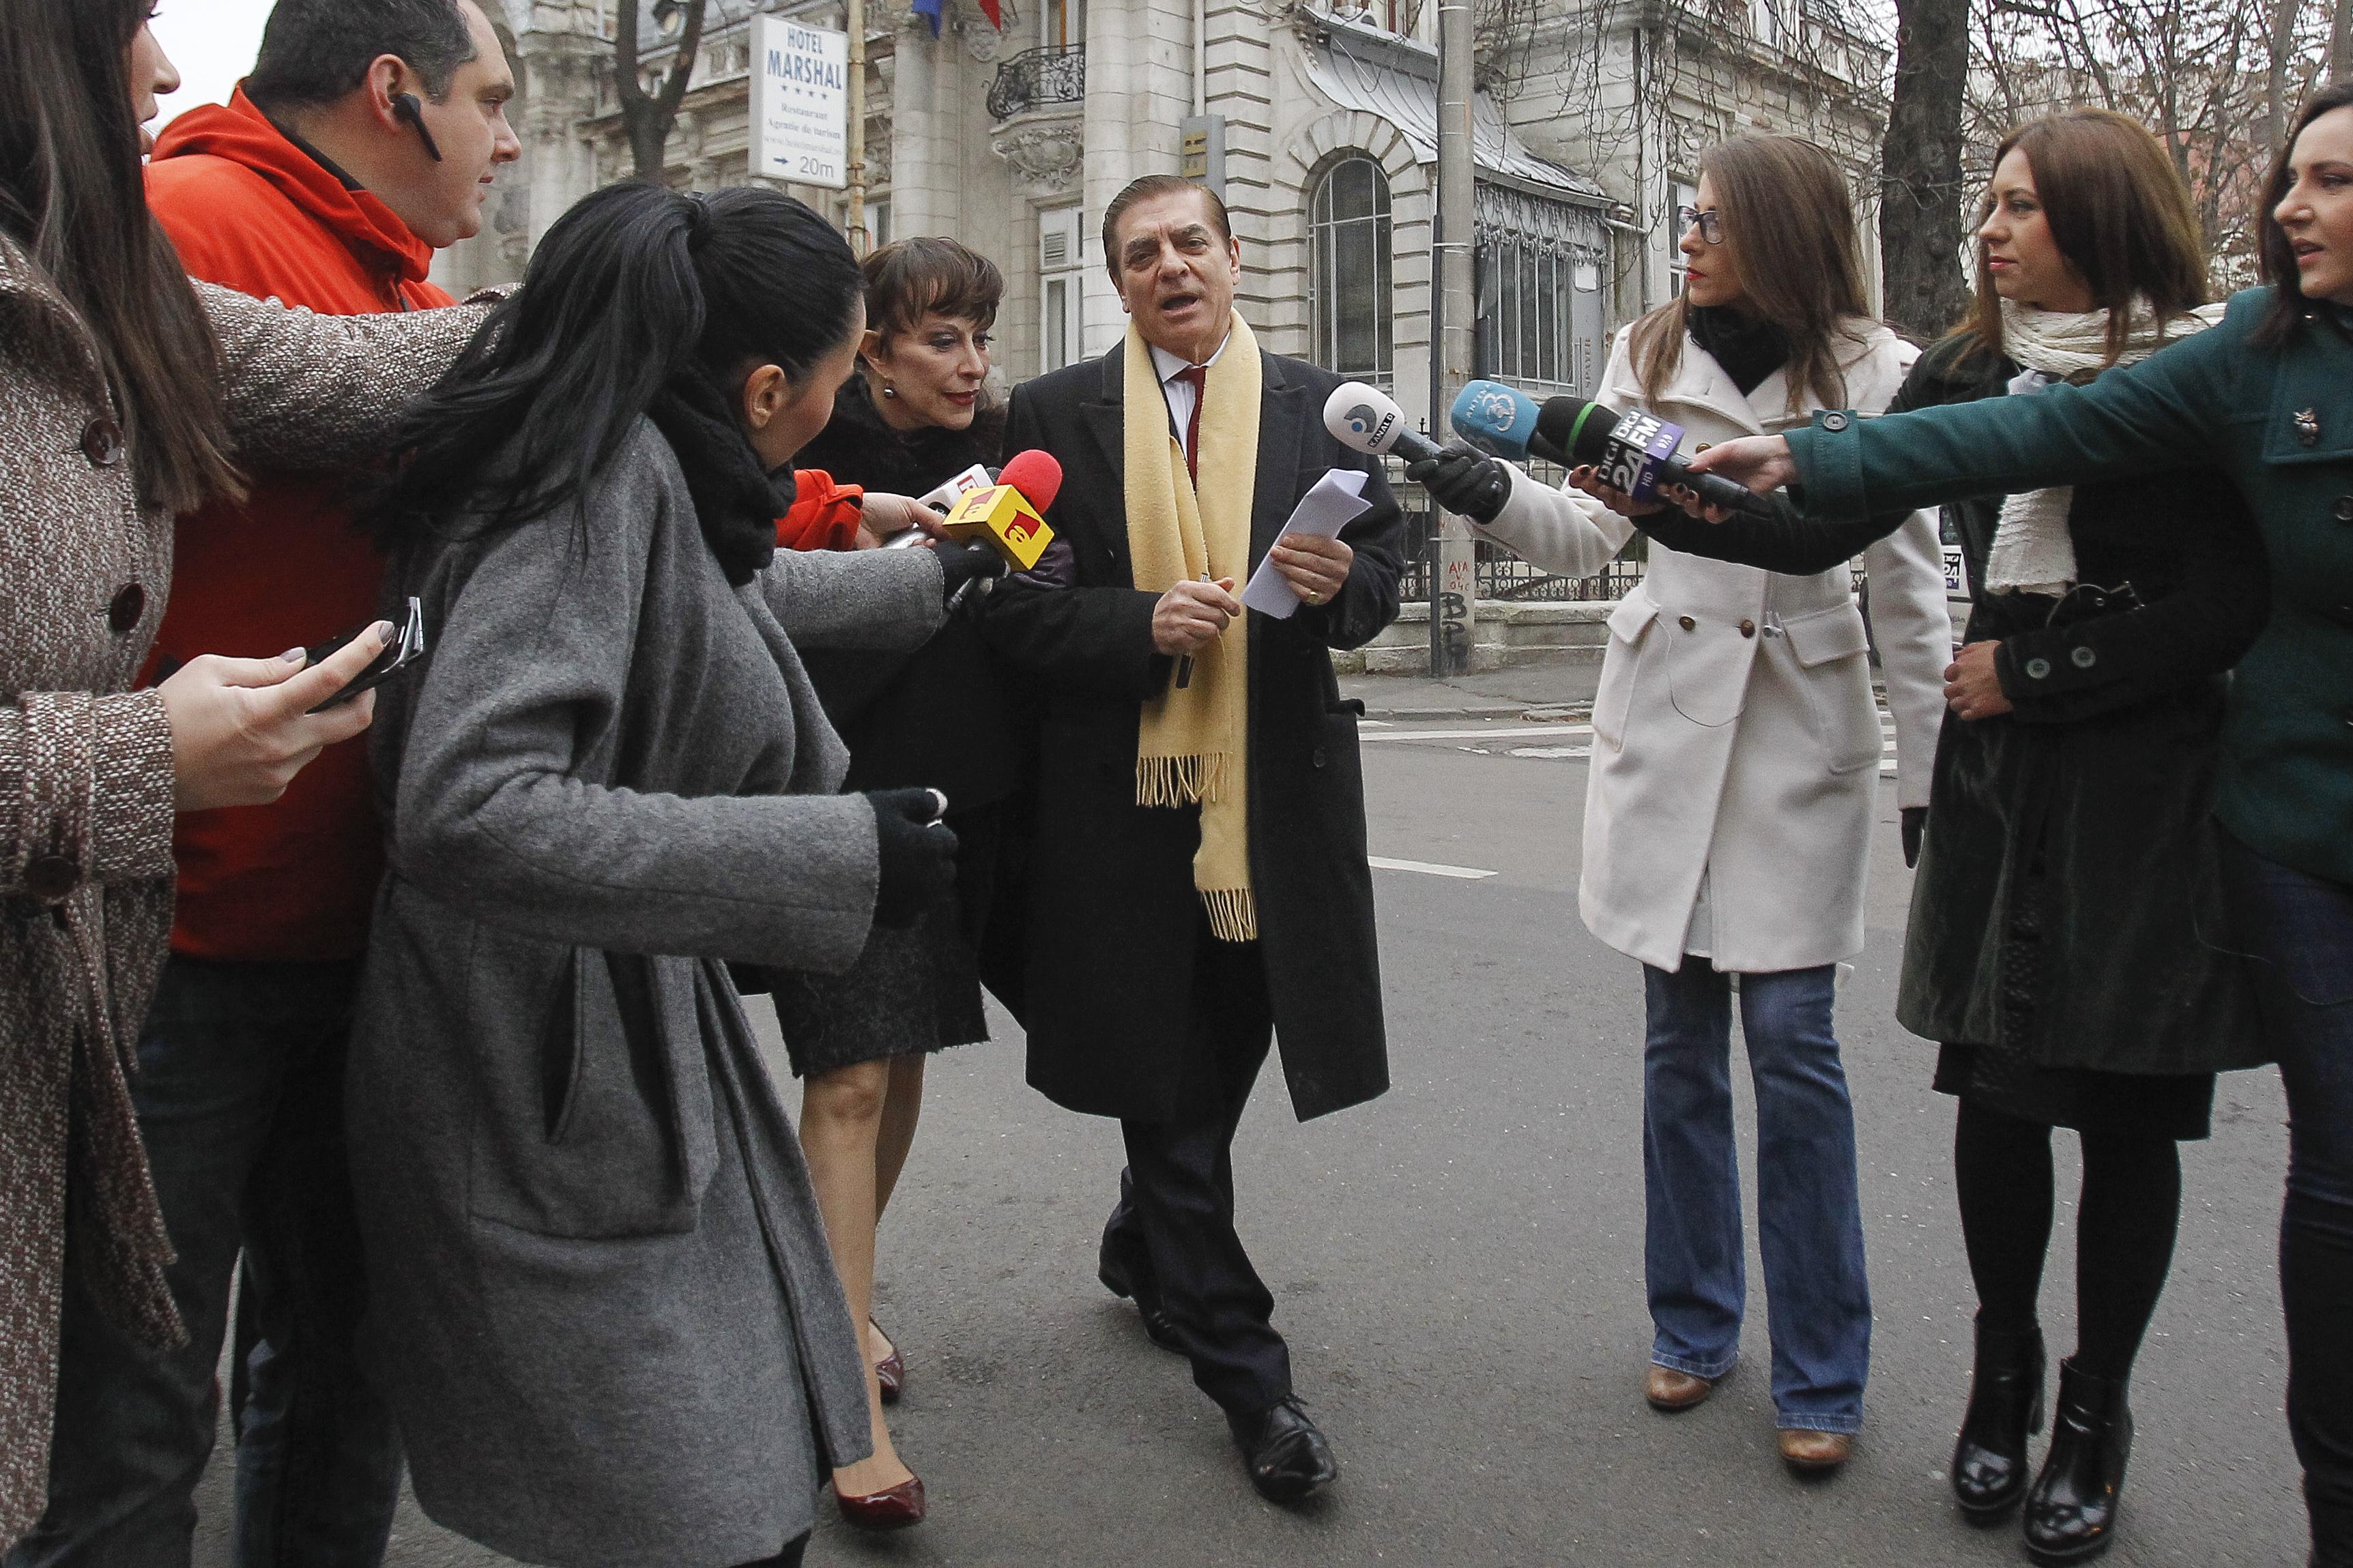 Paul al României a fost dat în urmărire internațională pentru a fi dus la închisoare. Prințul s-ar ascunde în Portugalia